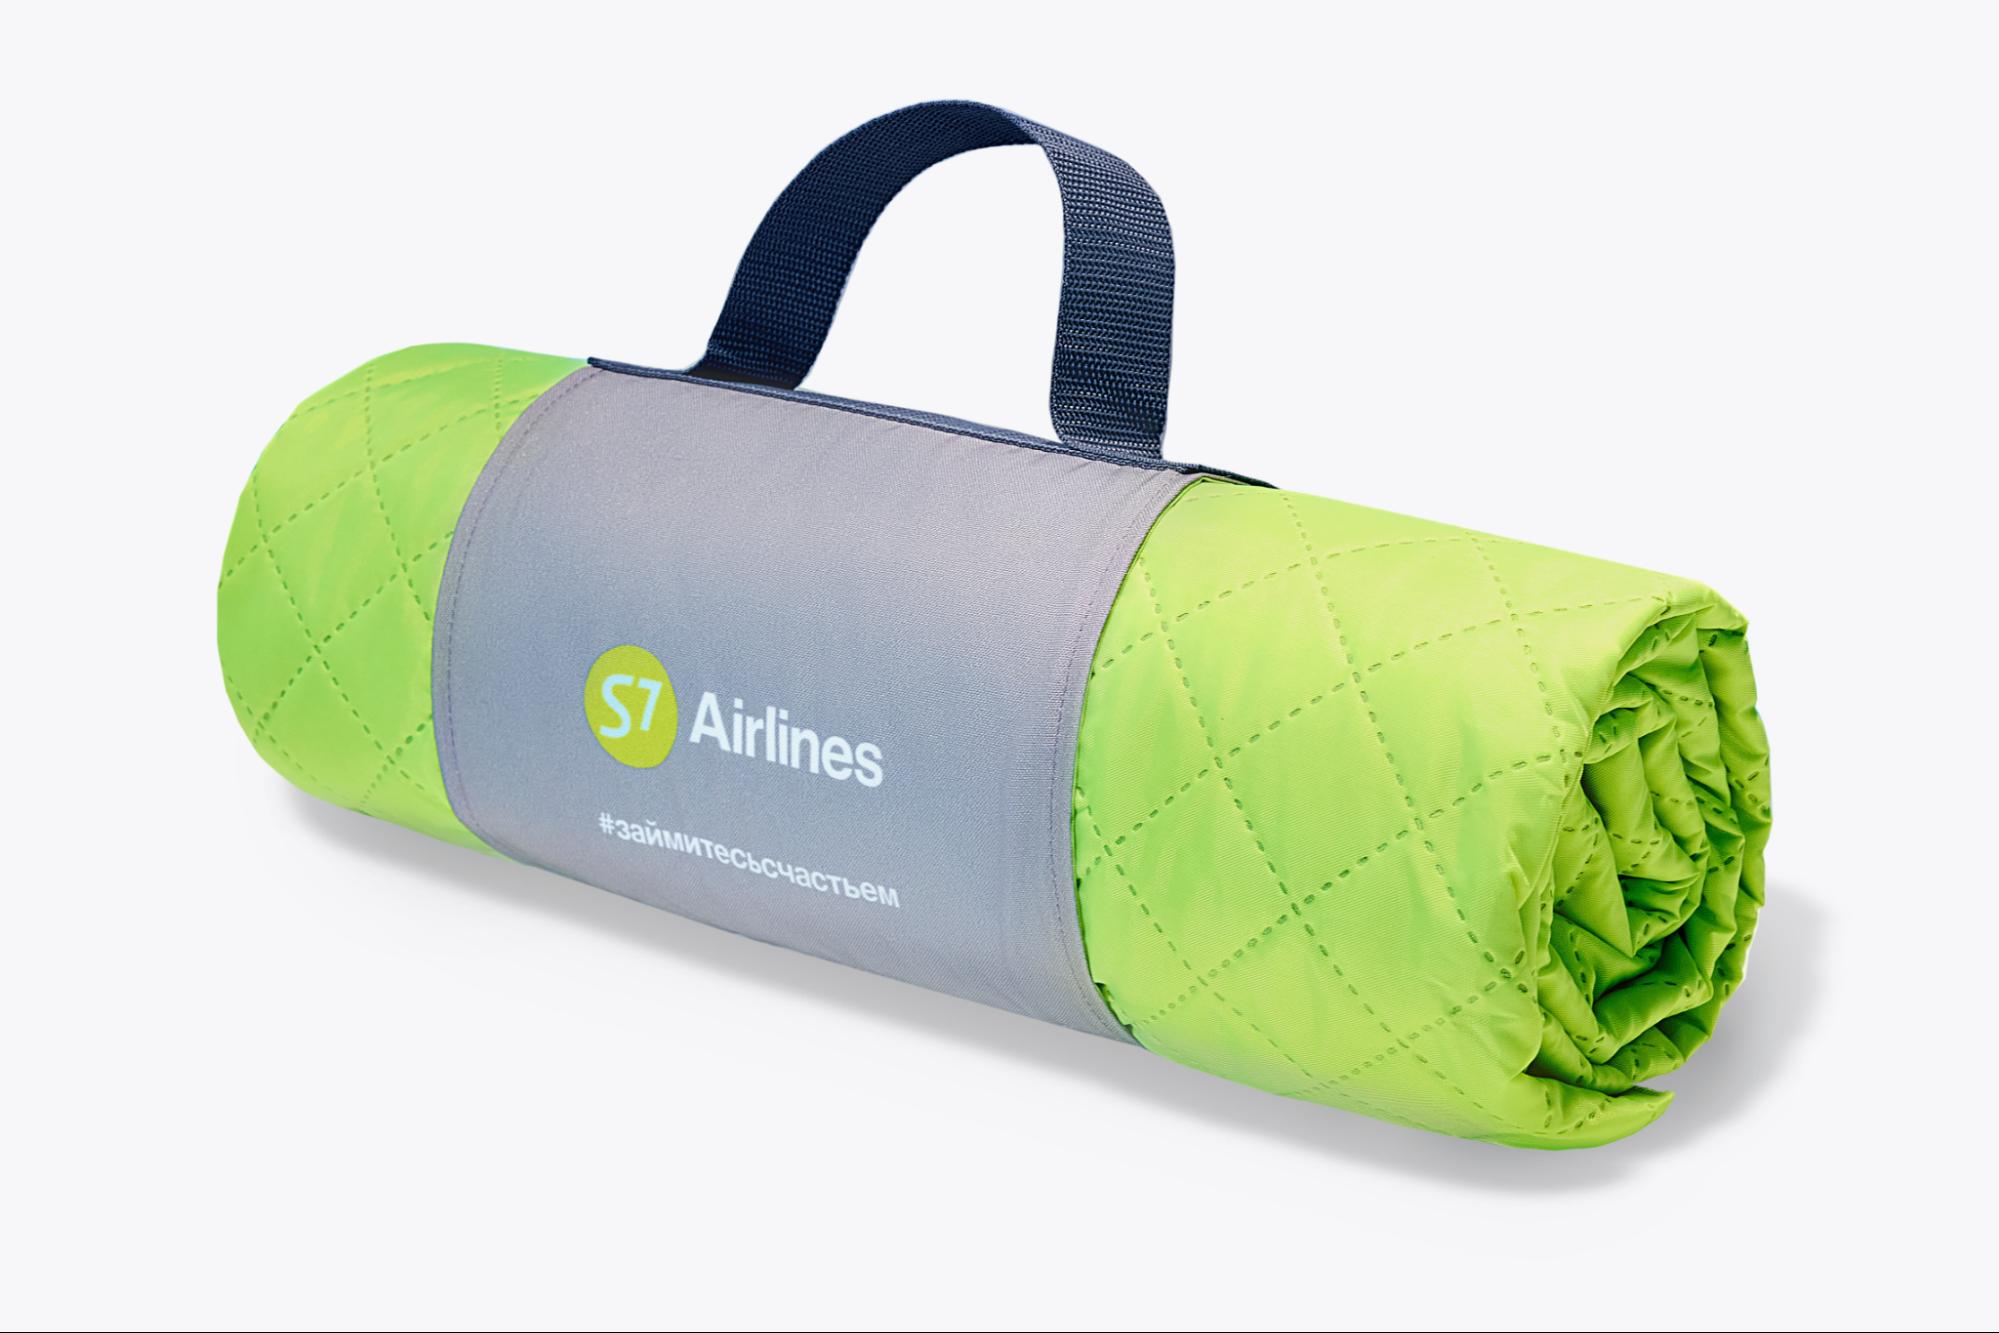 Важный аксессуар для комфортного путешествия от S7 Airlines